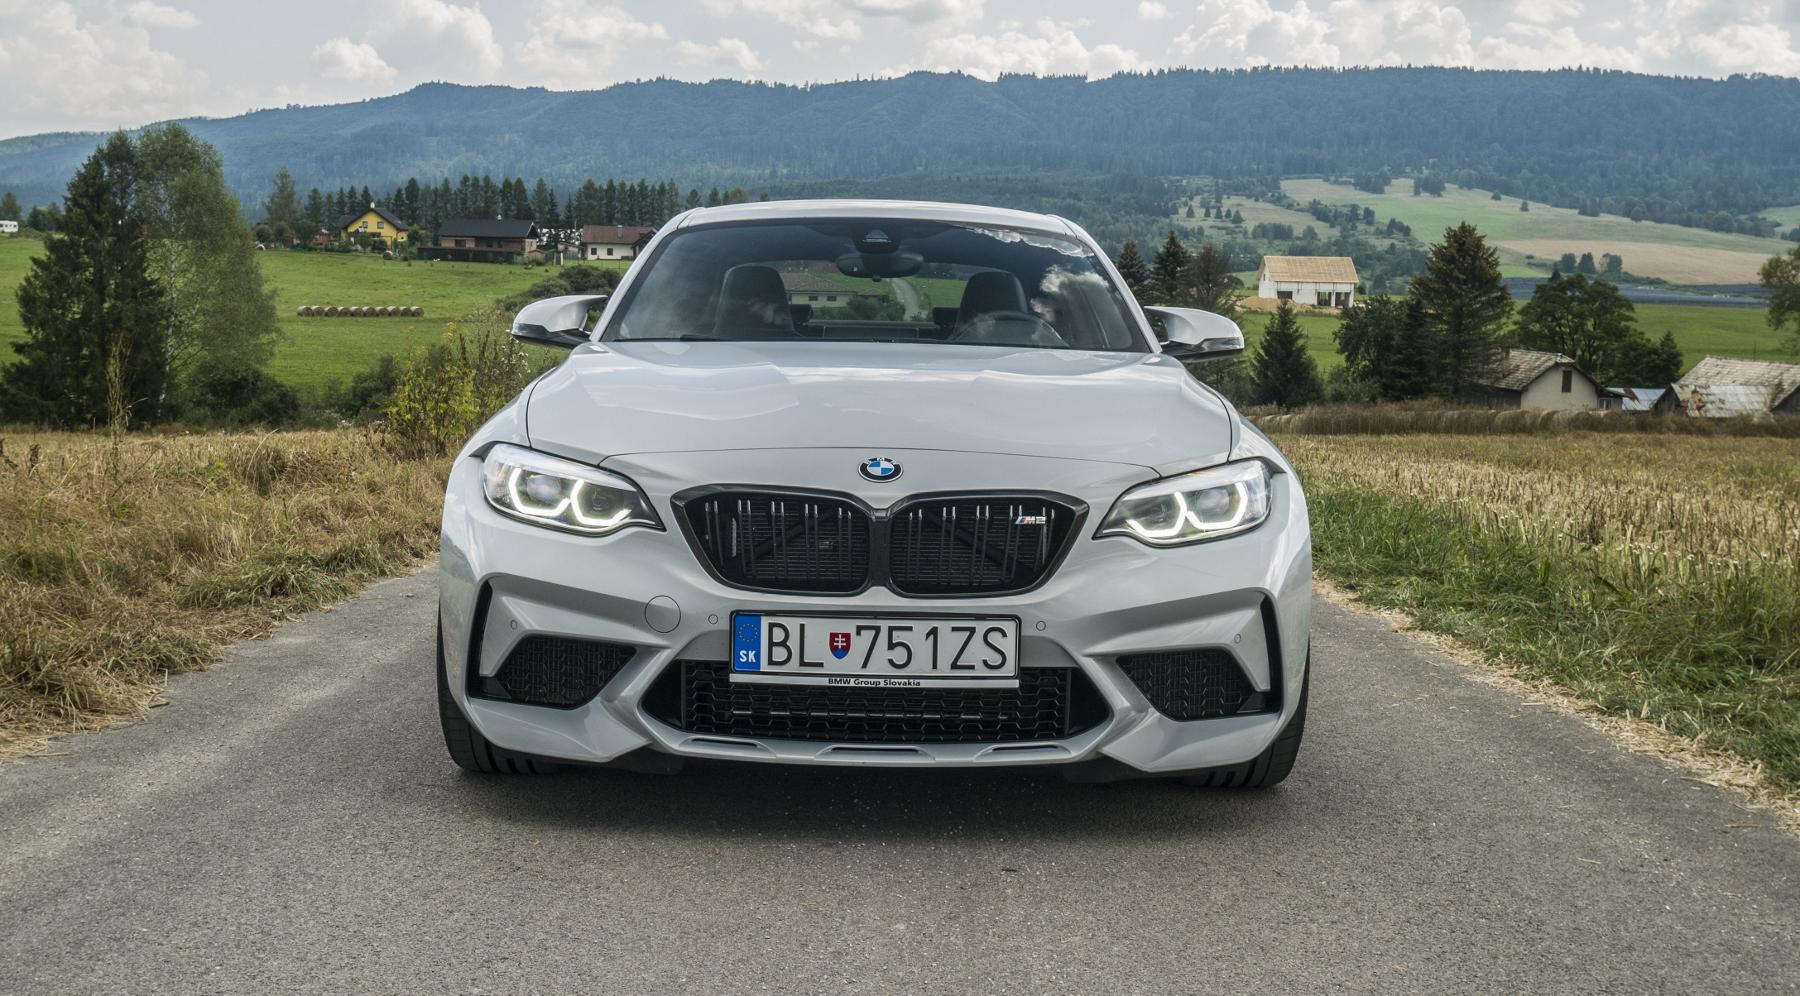 Test: BMW M2 Competition je nálož plná zábavy kAKKsYpFrM bmw-m2-6